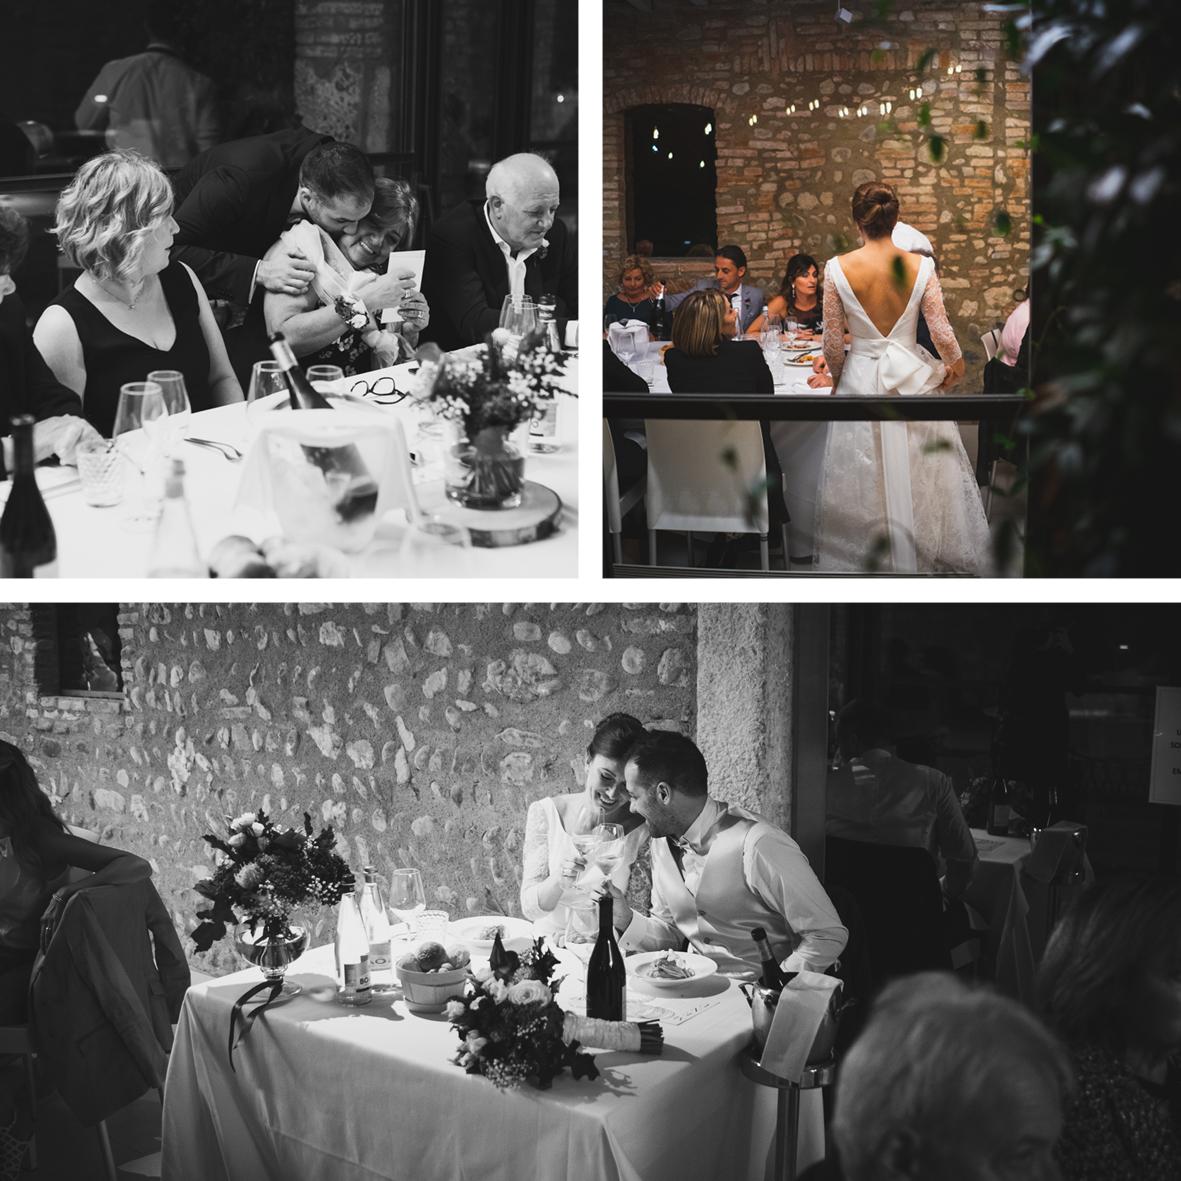 Fotografo matrimonio Brescia reportage di matrimonio Federico Rongaroli30